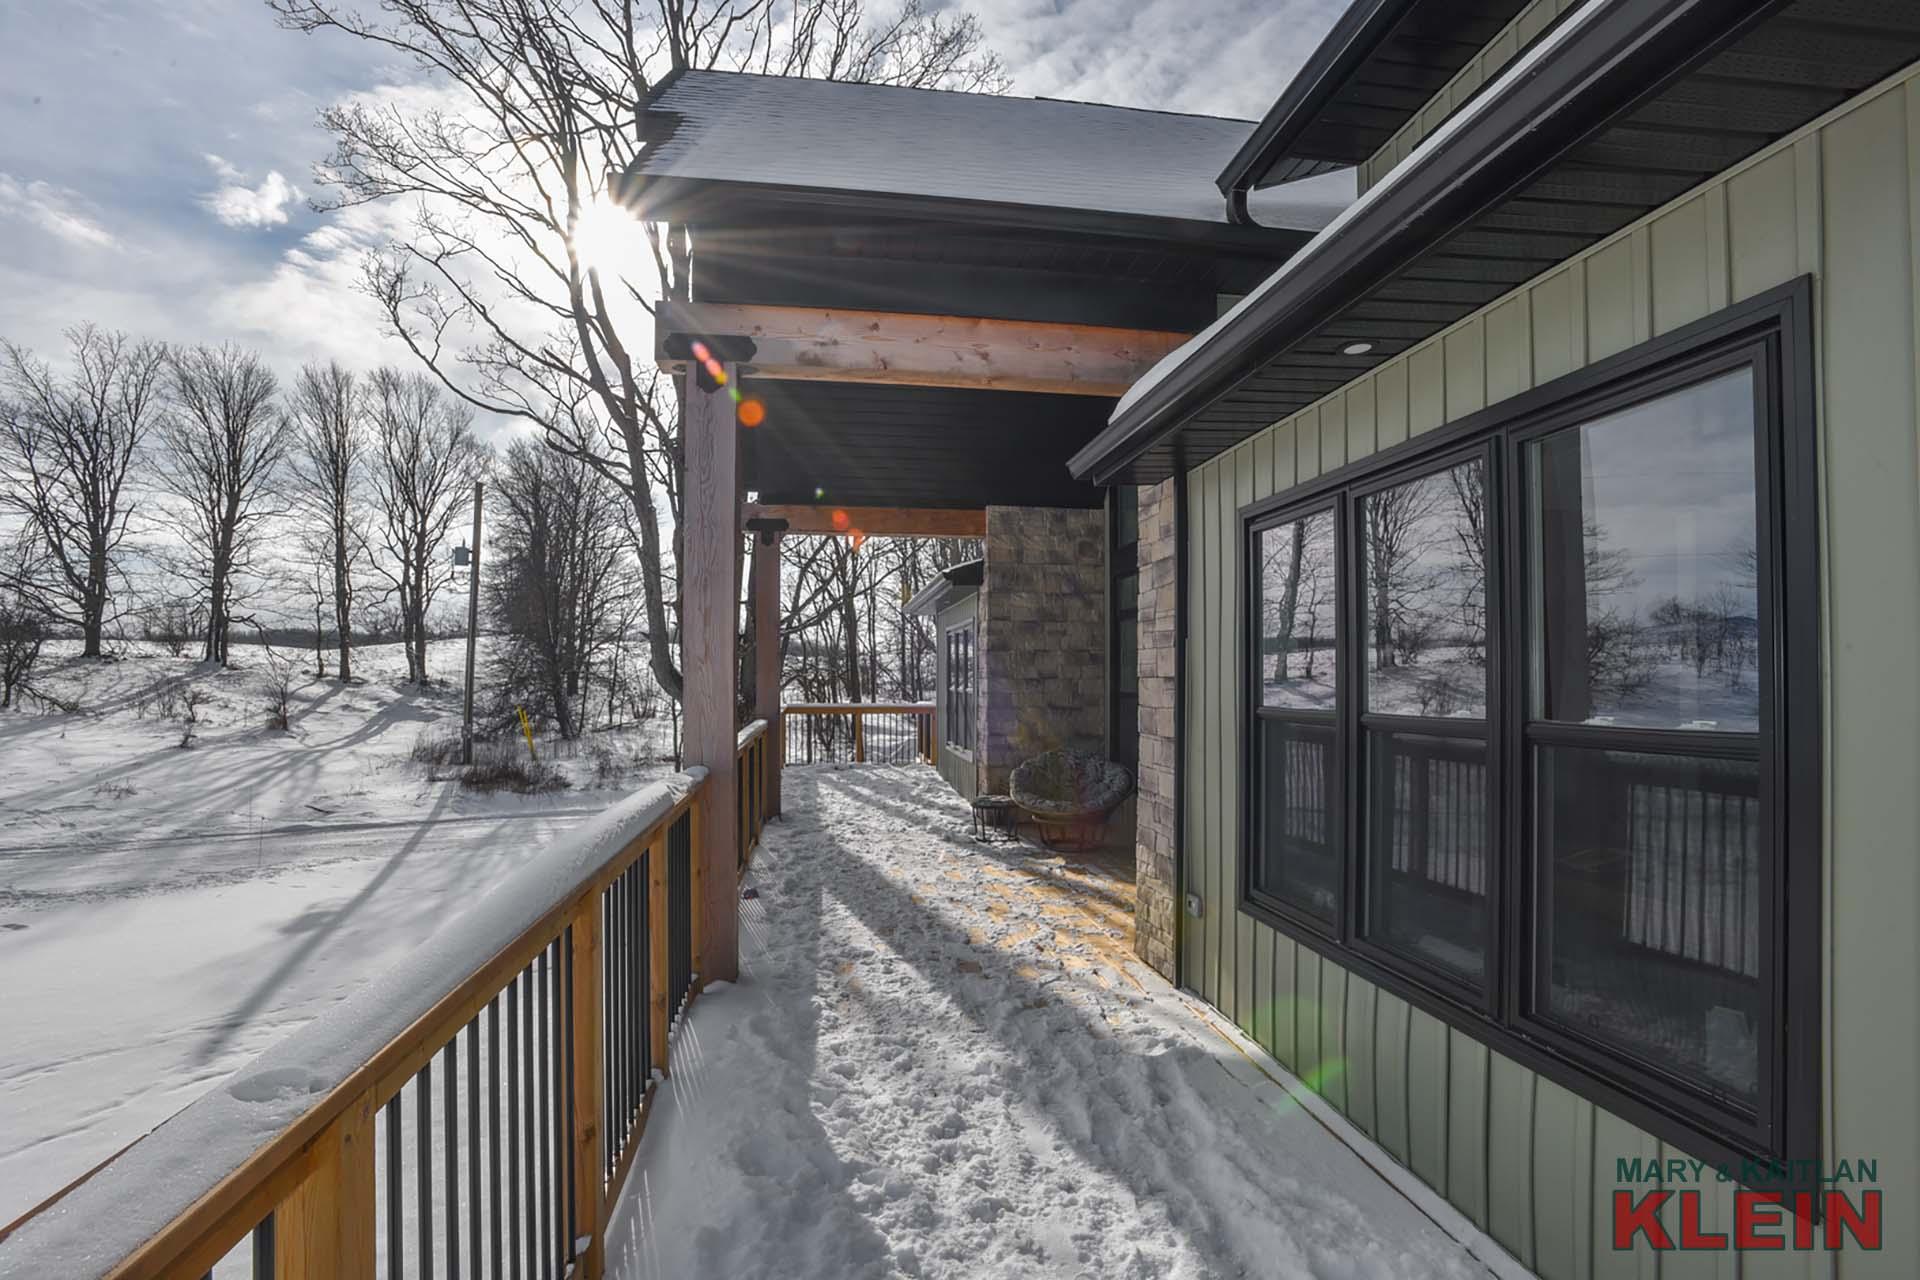 Snowy Wraparound Deck